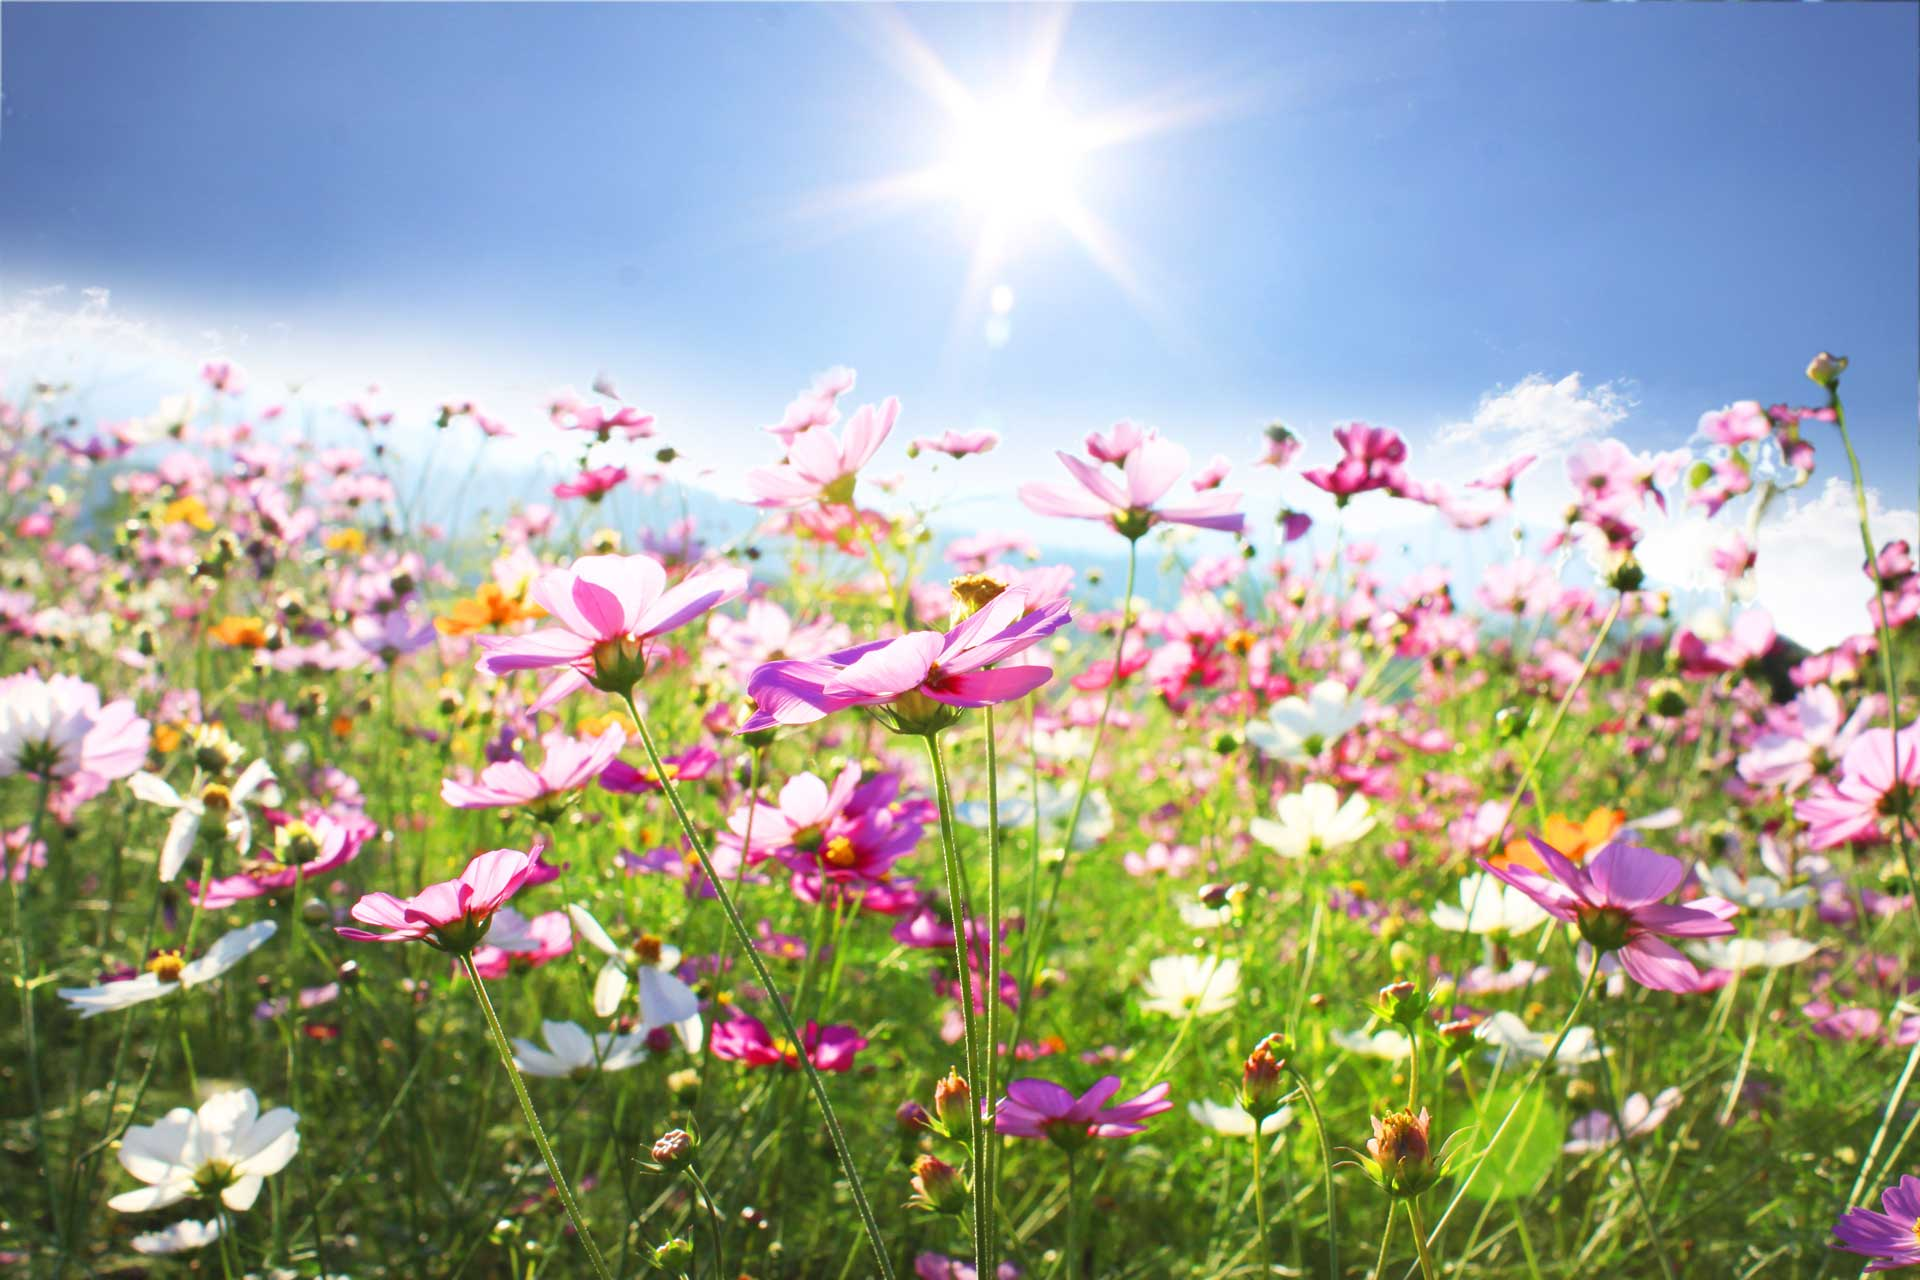 campo-fiorito.jpg (1920×1280)